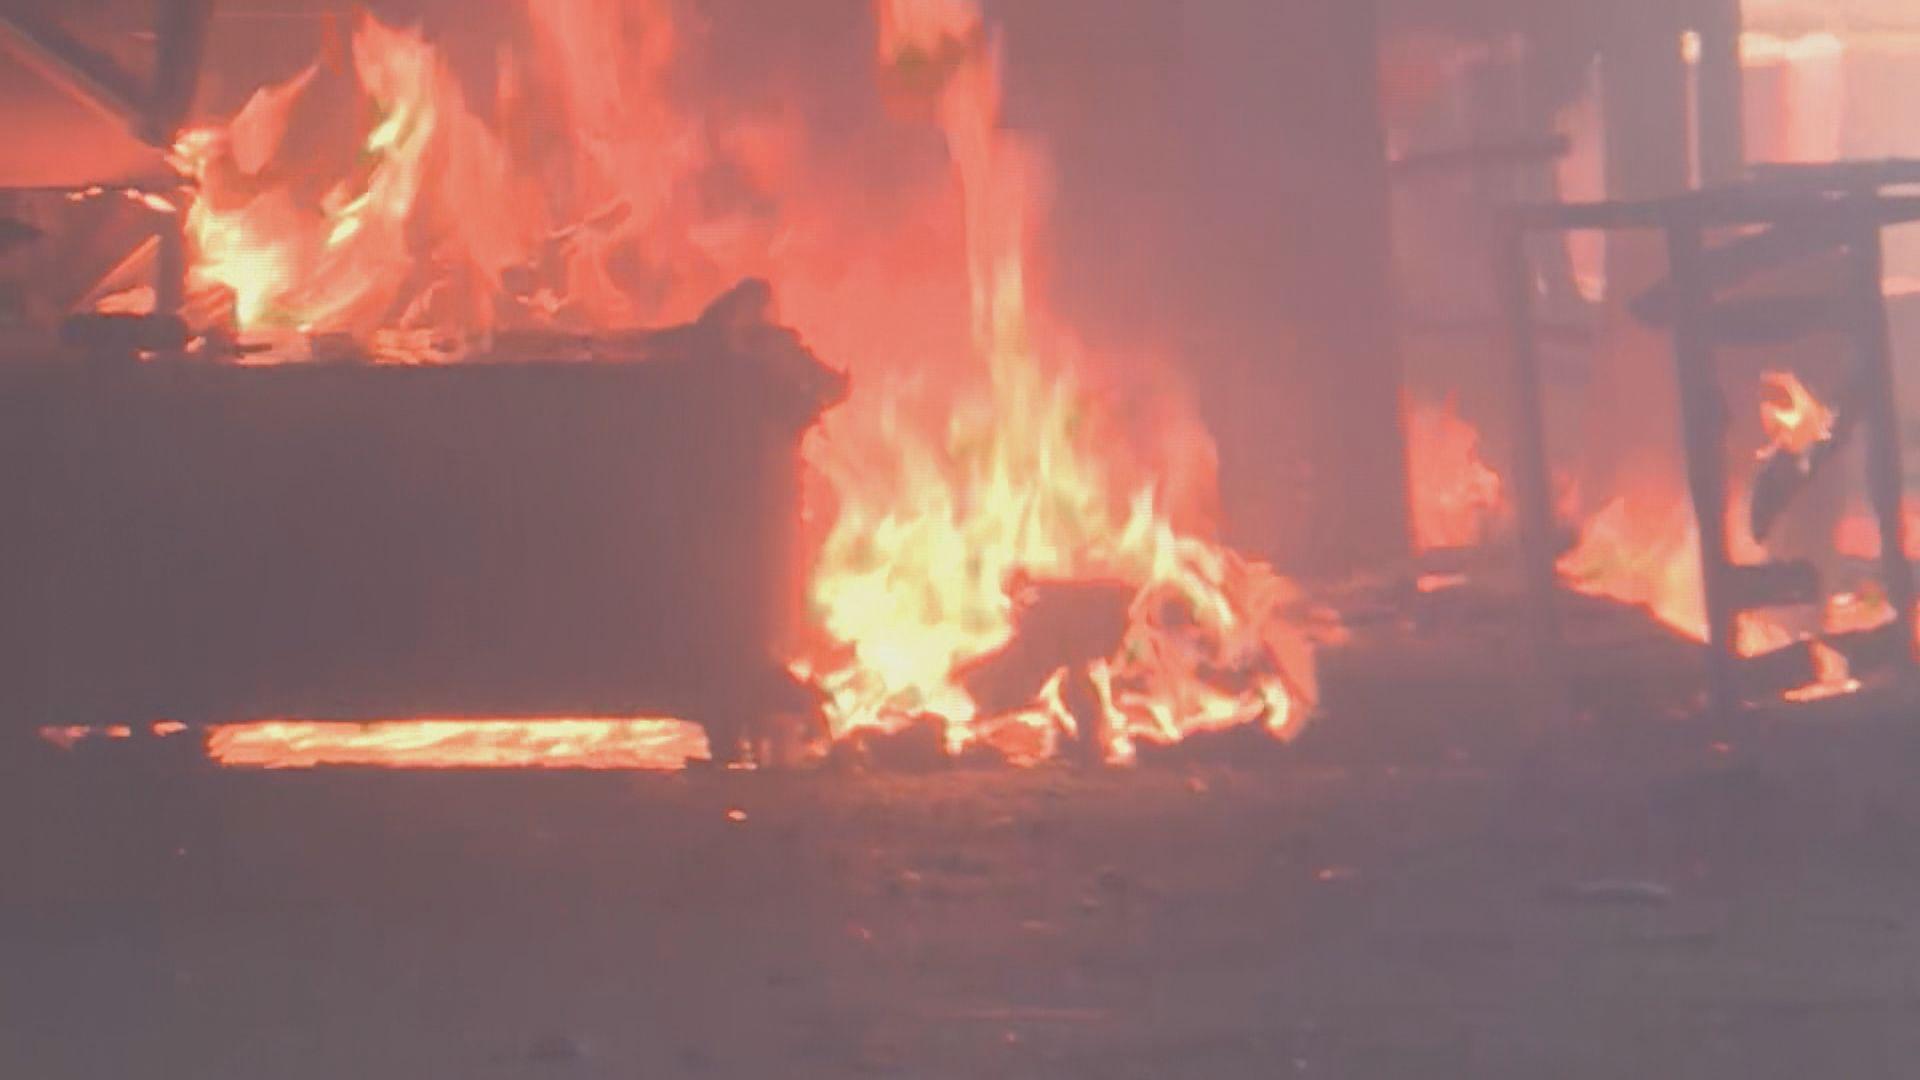 理大有示威者縱火焚燒雜物 警一度進內驅散